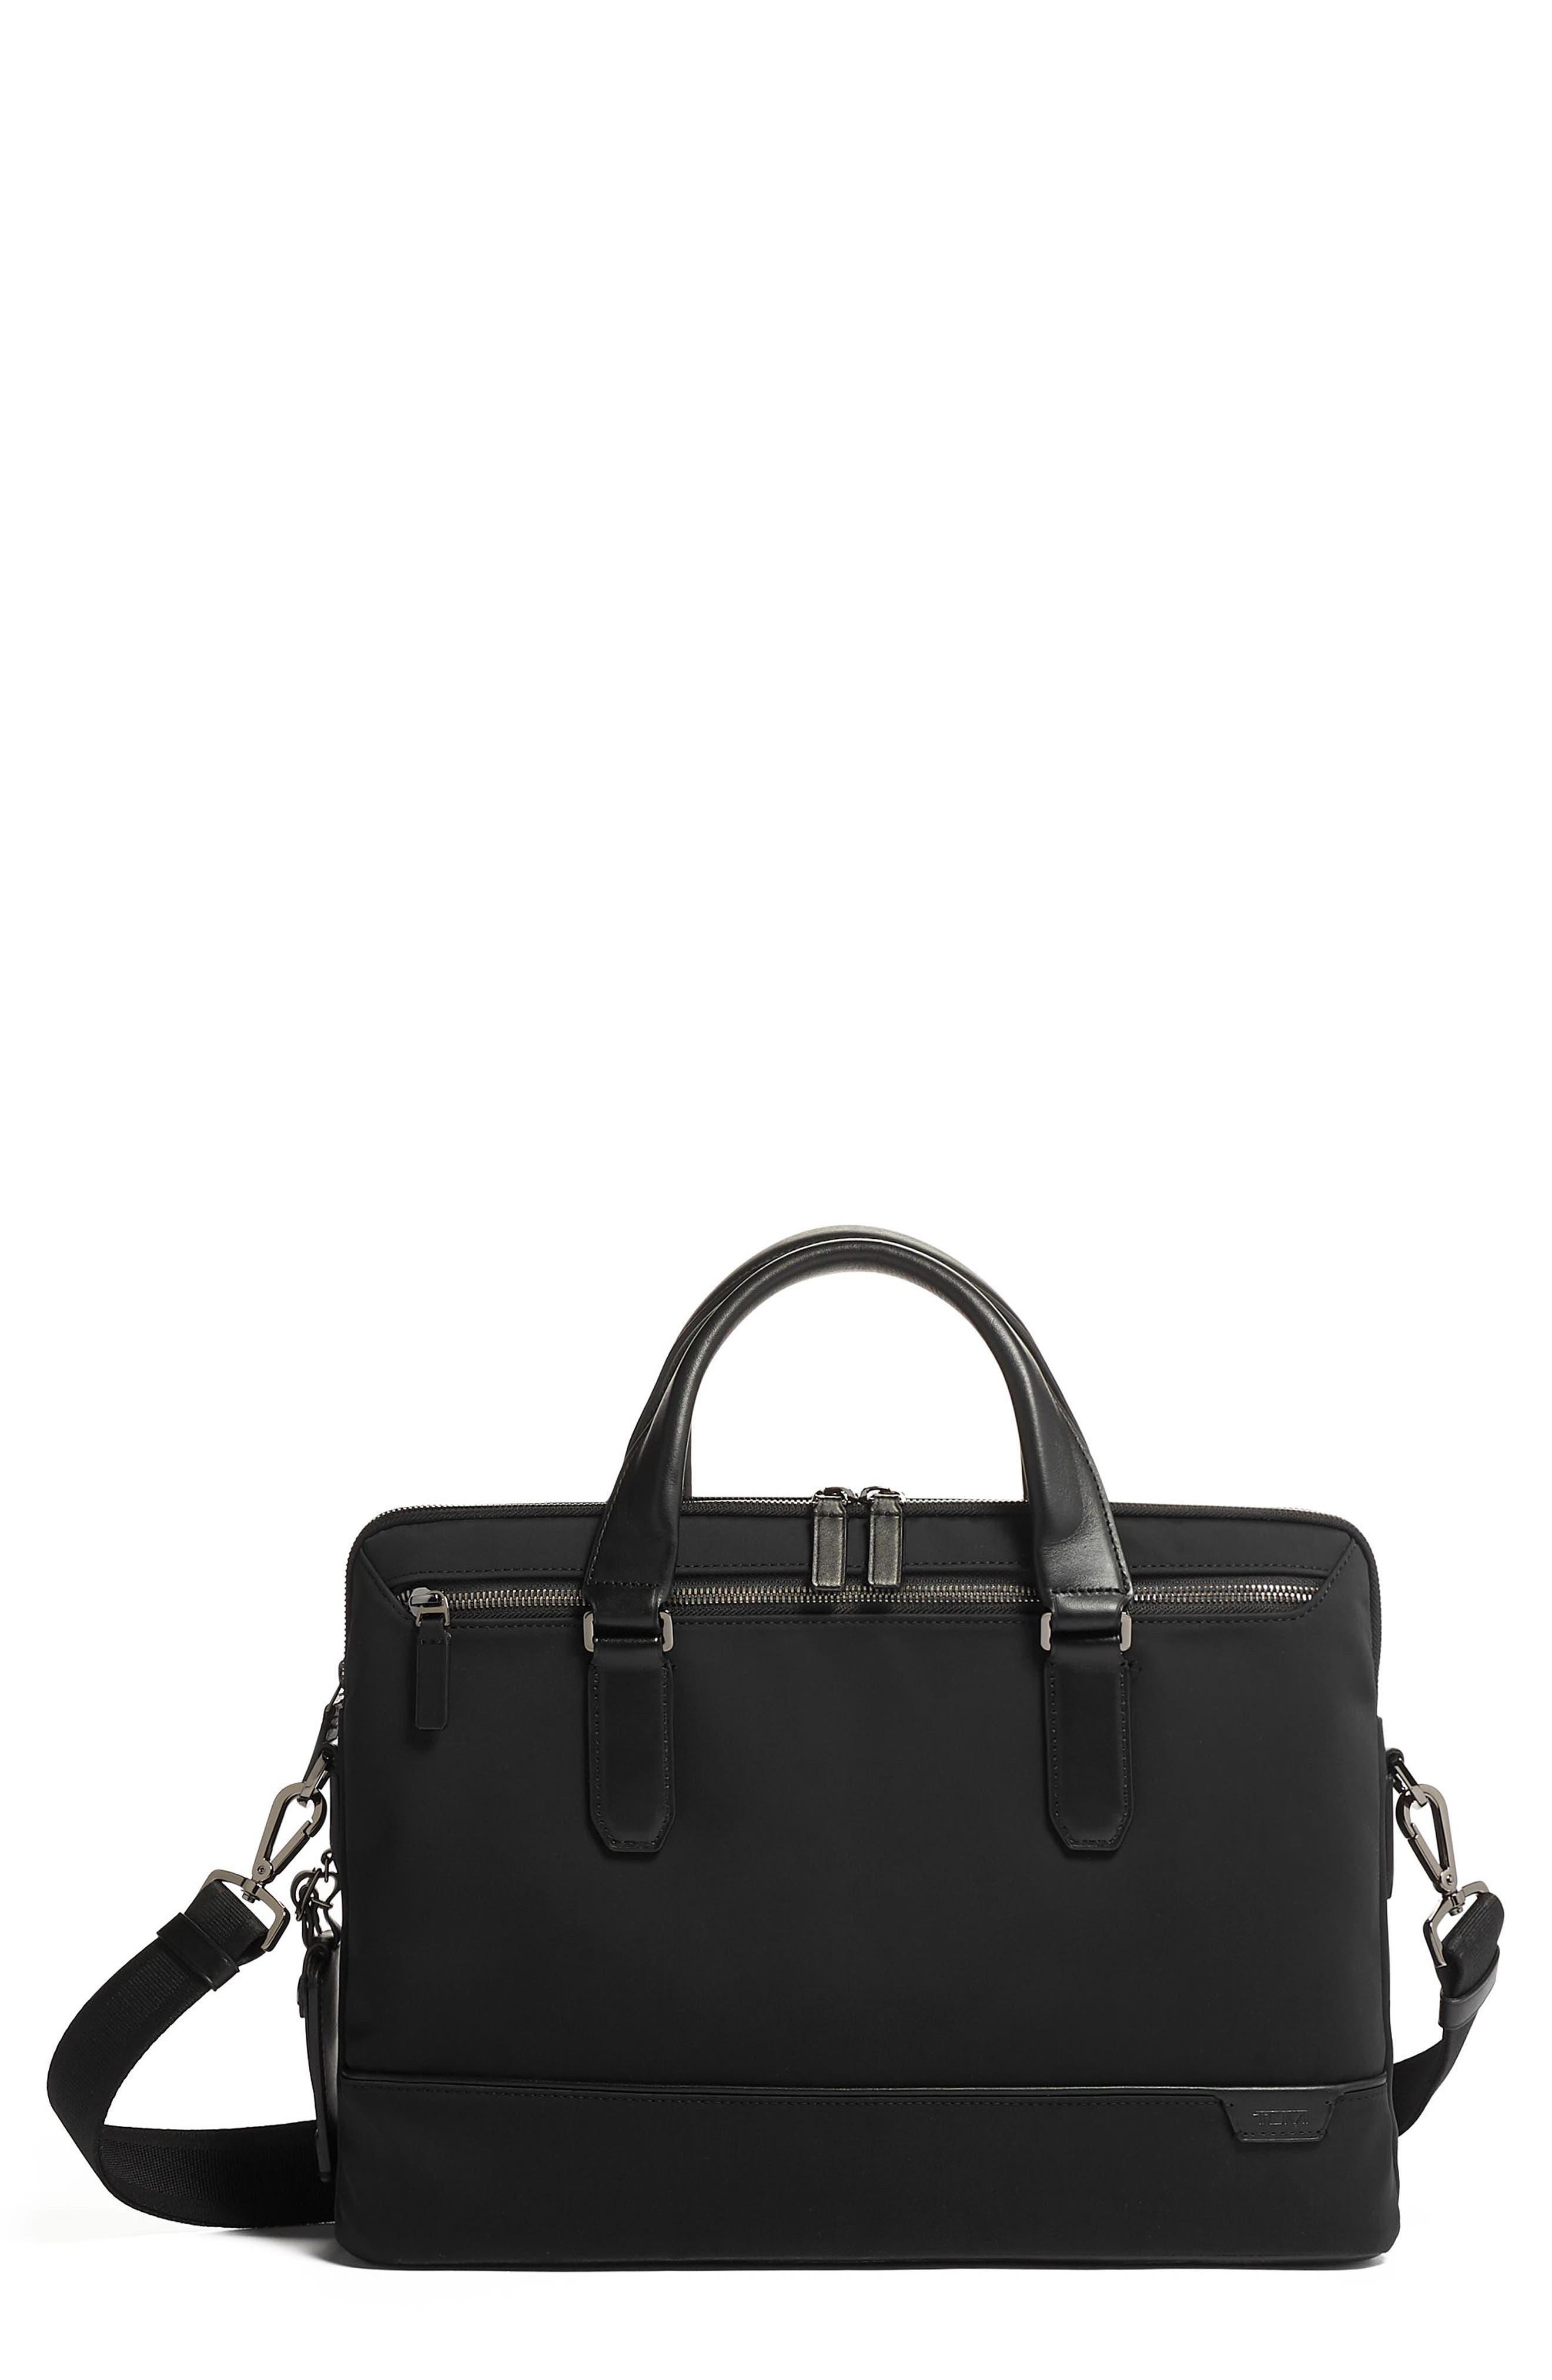 Tumi Sycamore Slim Nylon Briefcase - Black